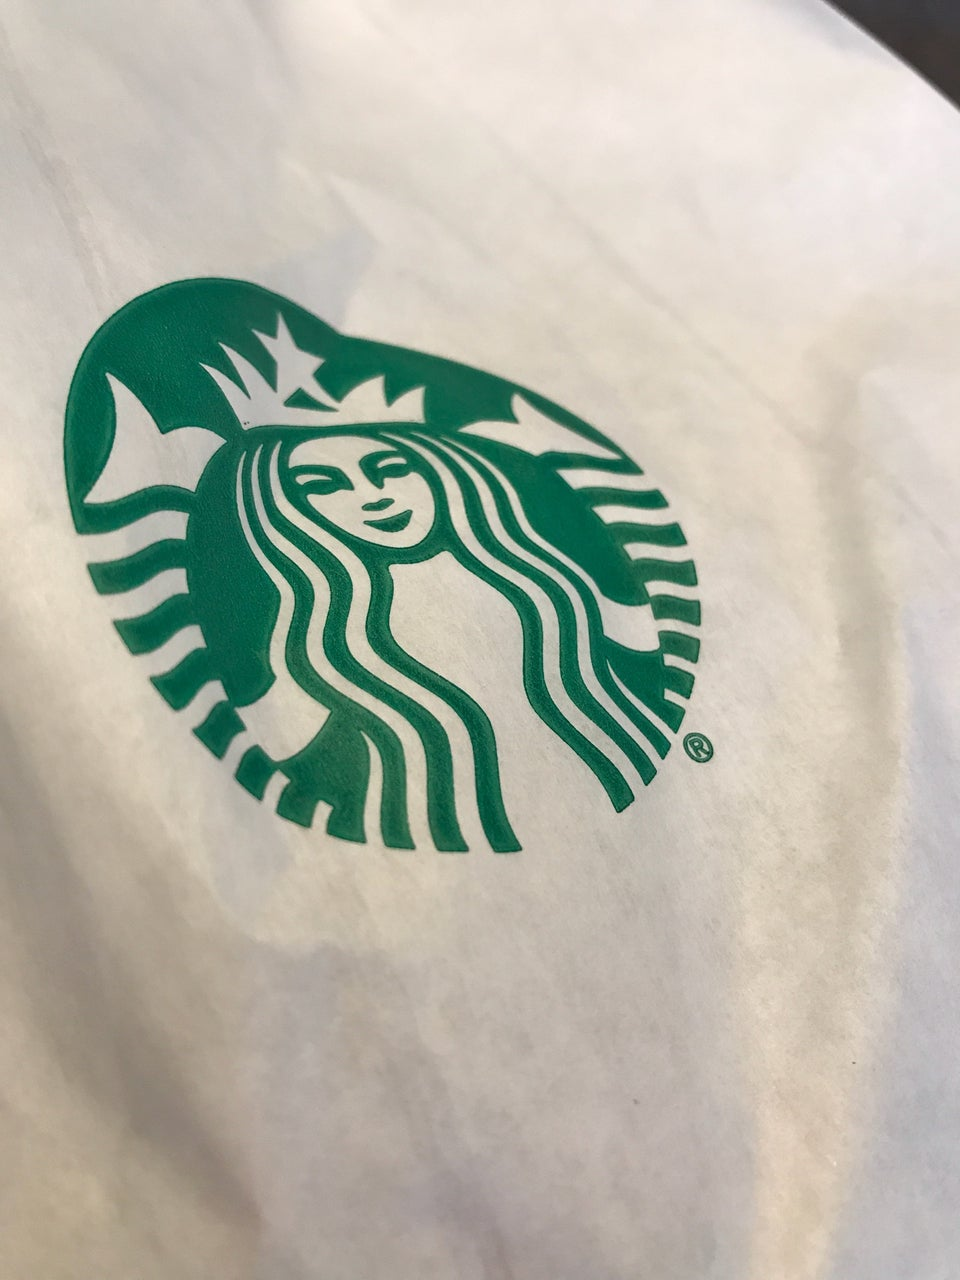 Starbucks Greenville